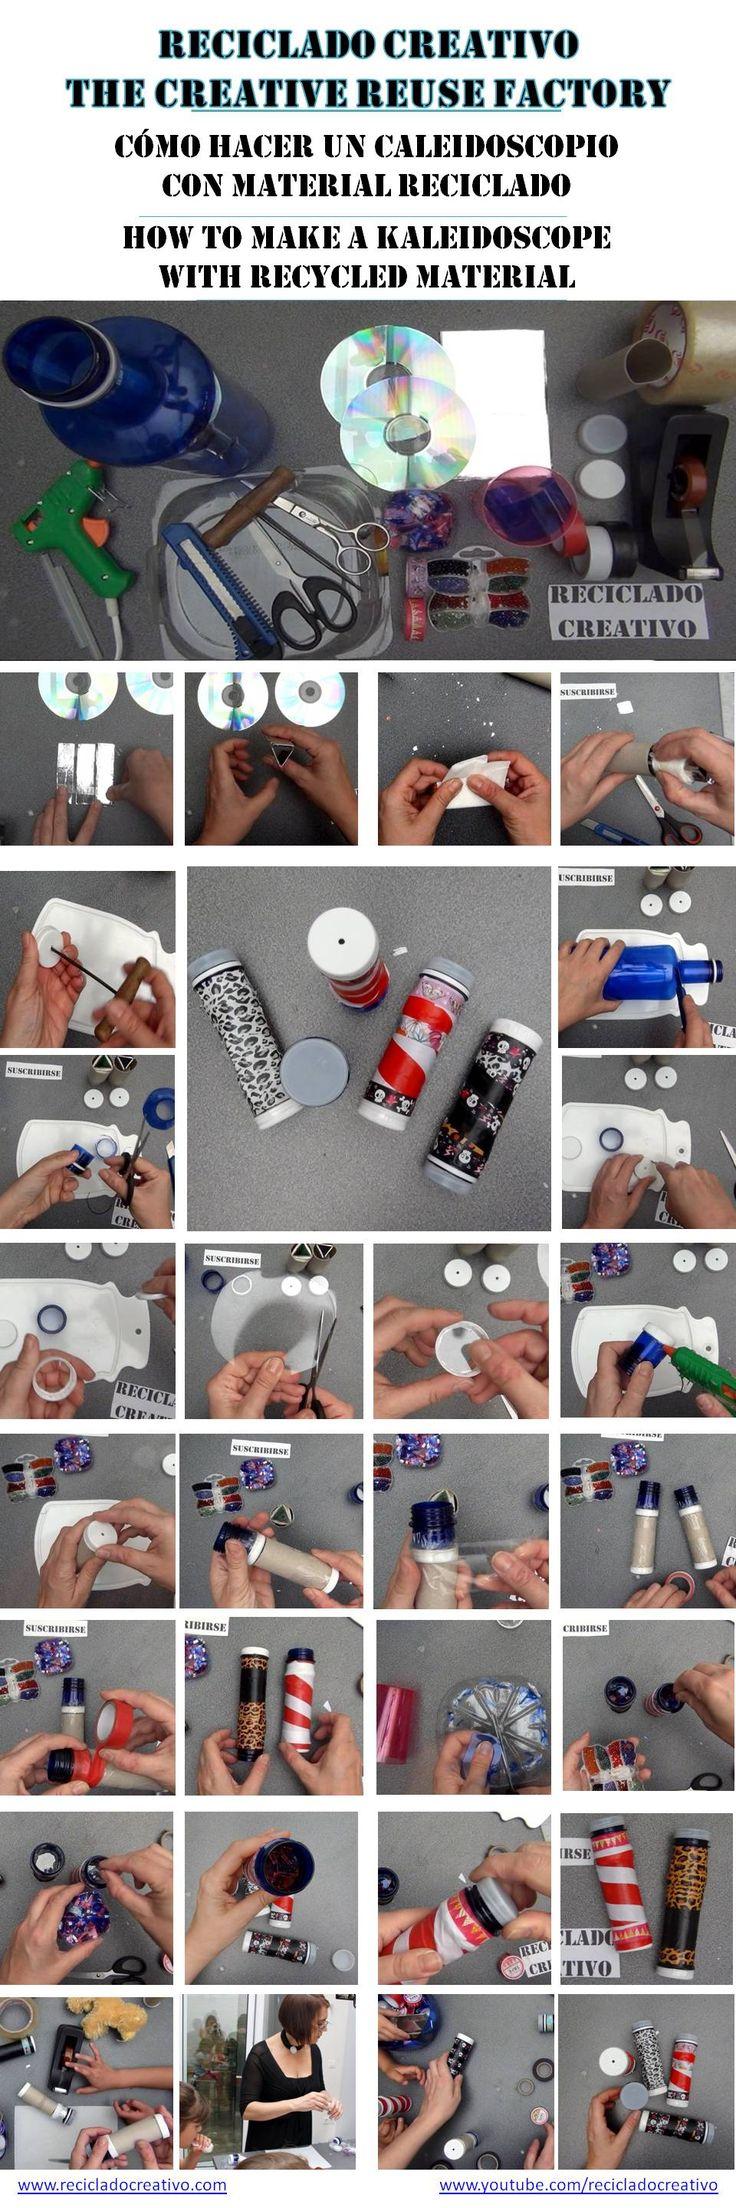 Cómo hacer un caleidoscopio con material reciclado